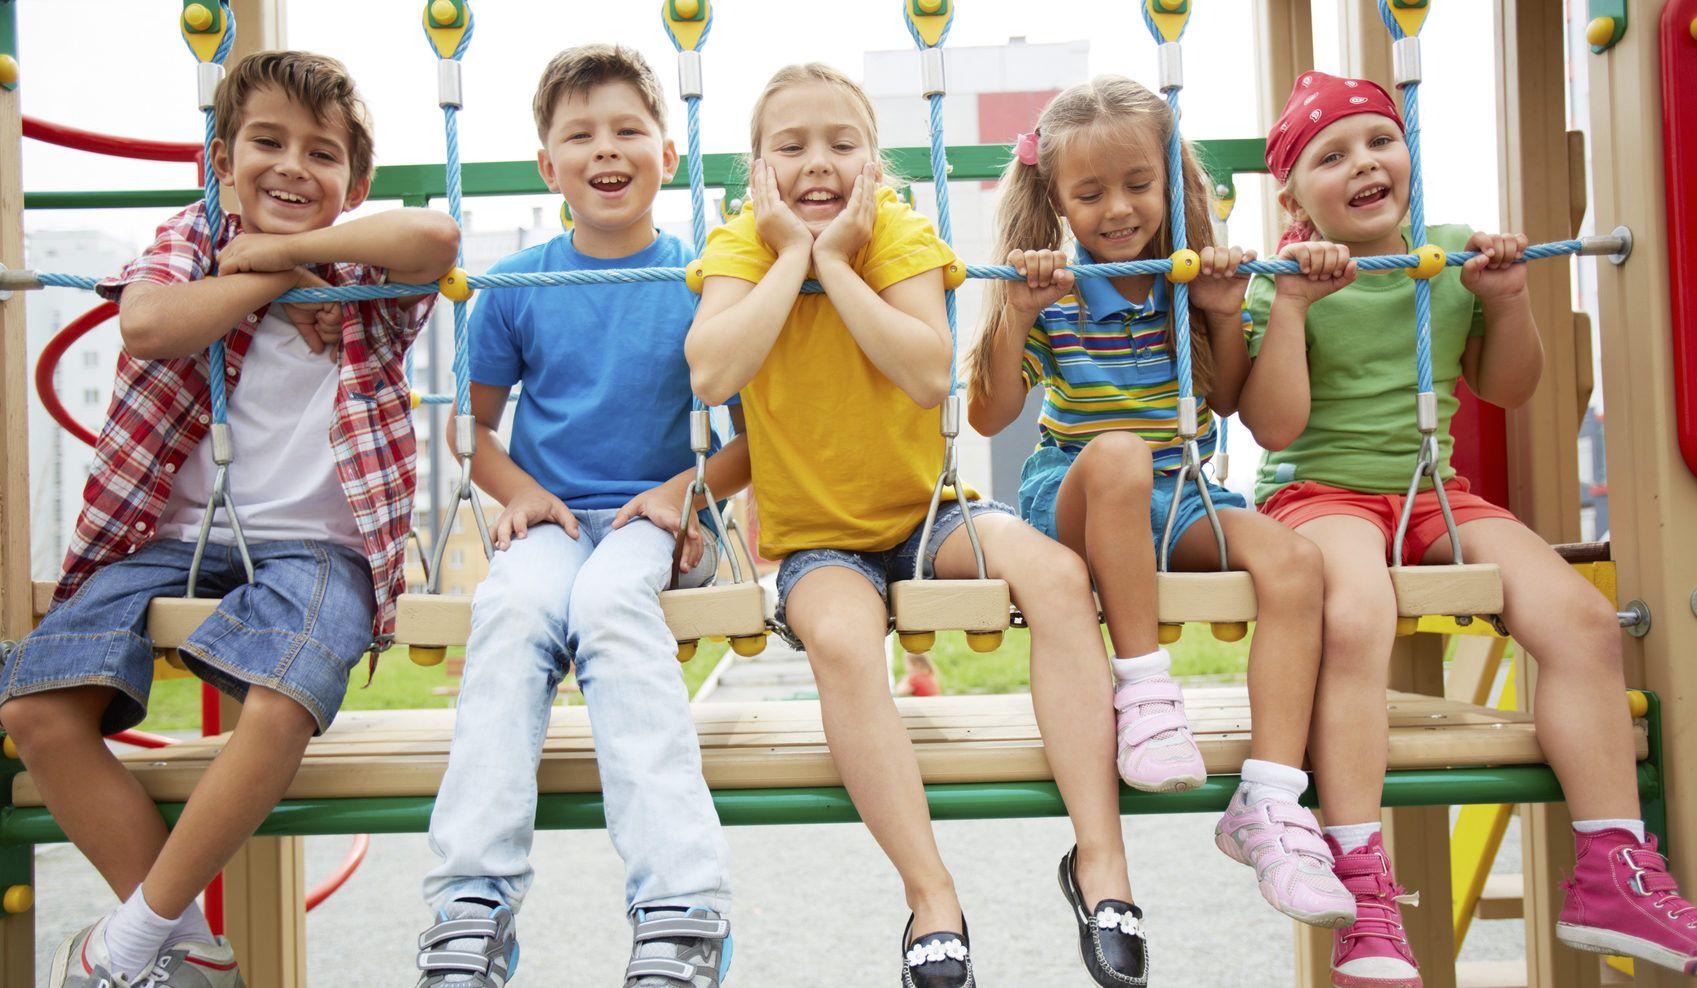 Adverse Childhood Experiences (ACEs) affect 34.8 million